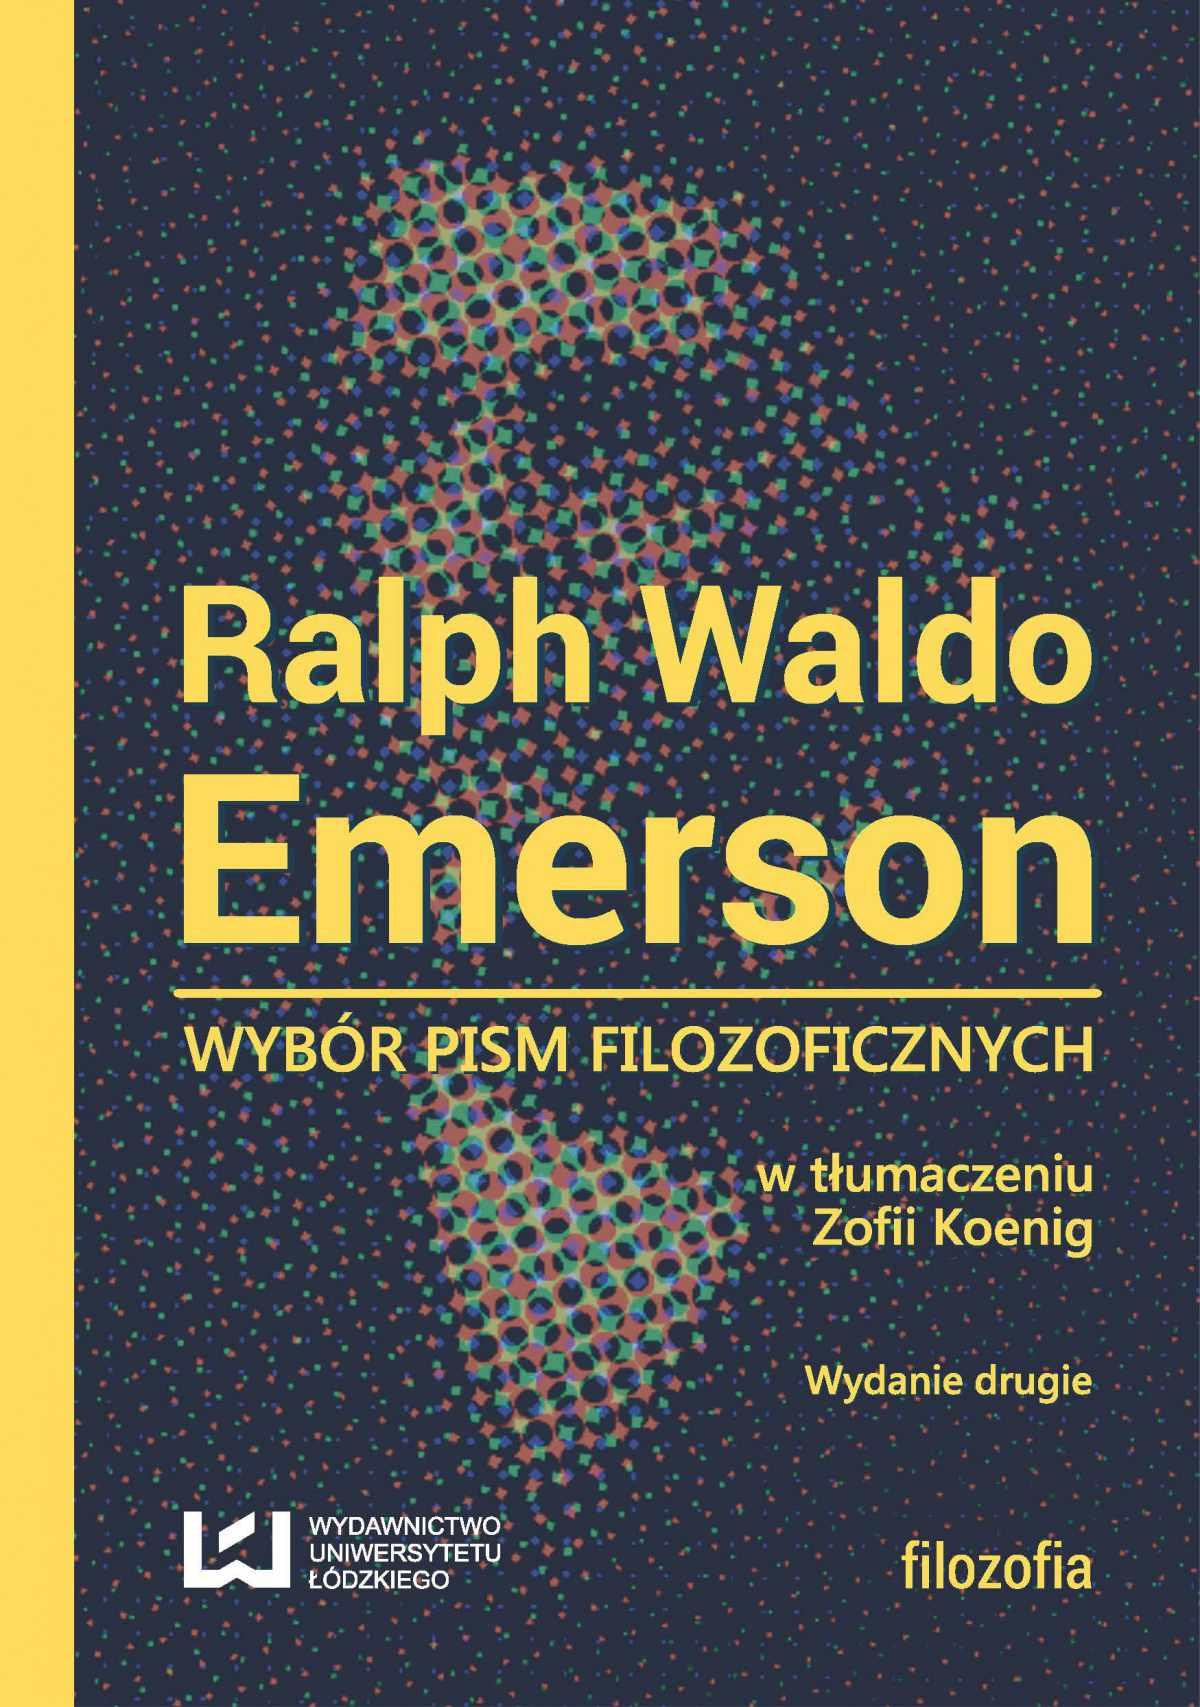 Wybór pism filozoficznych. Wydanie drugie - Ebook (Książka na Kindle) do pobrania w formacie MOBI